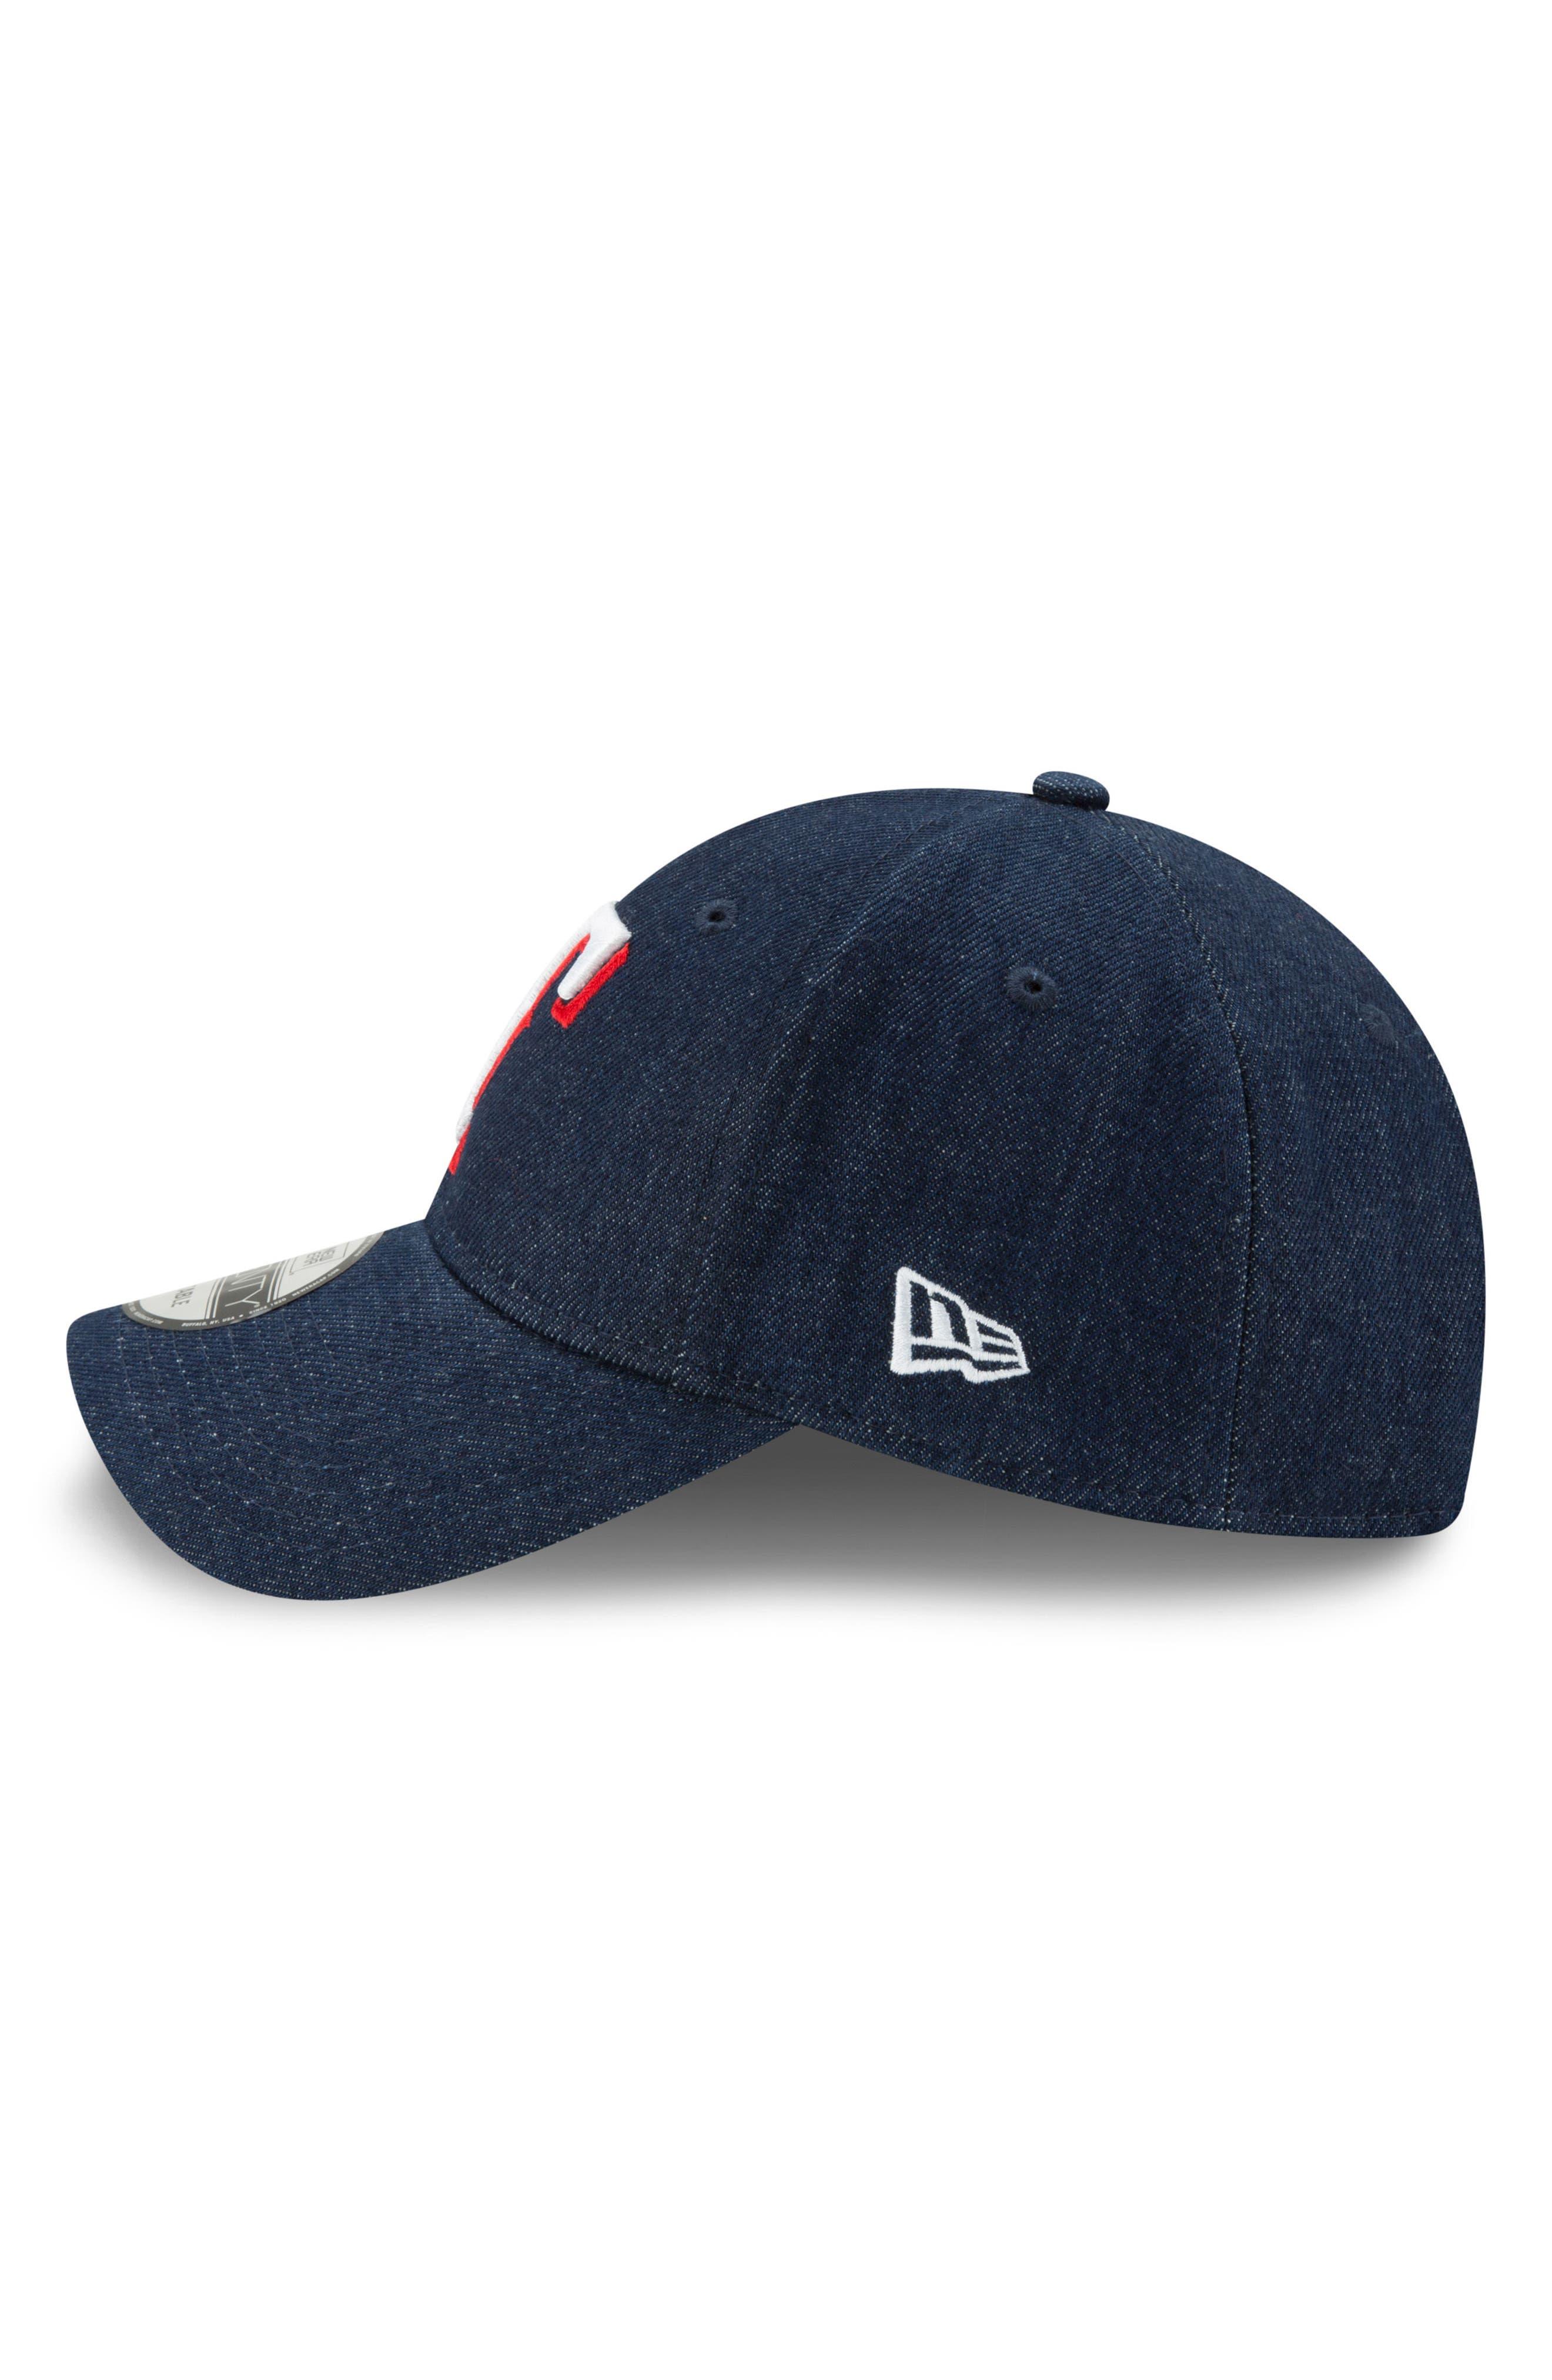 x Levi's<sup>®</sup> MLB17 Denim Baseball Cap,                             Alternate thumbnail 5, color,                             001